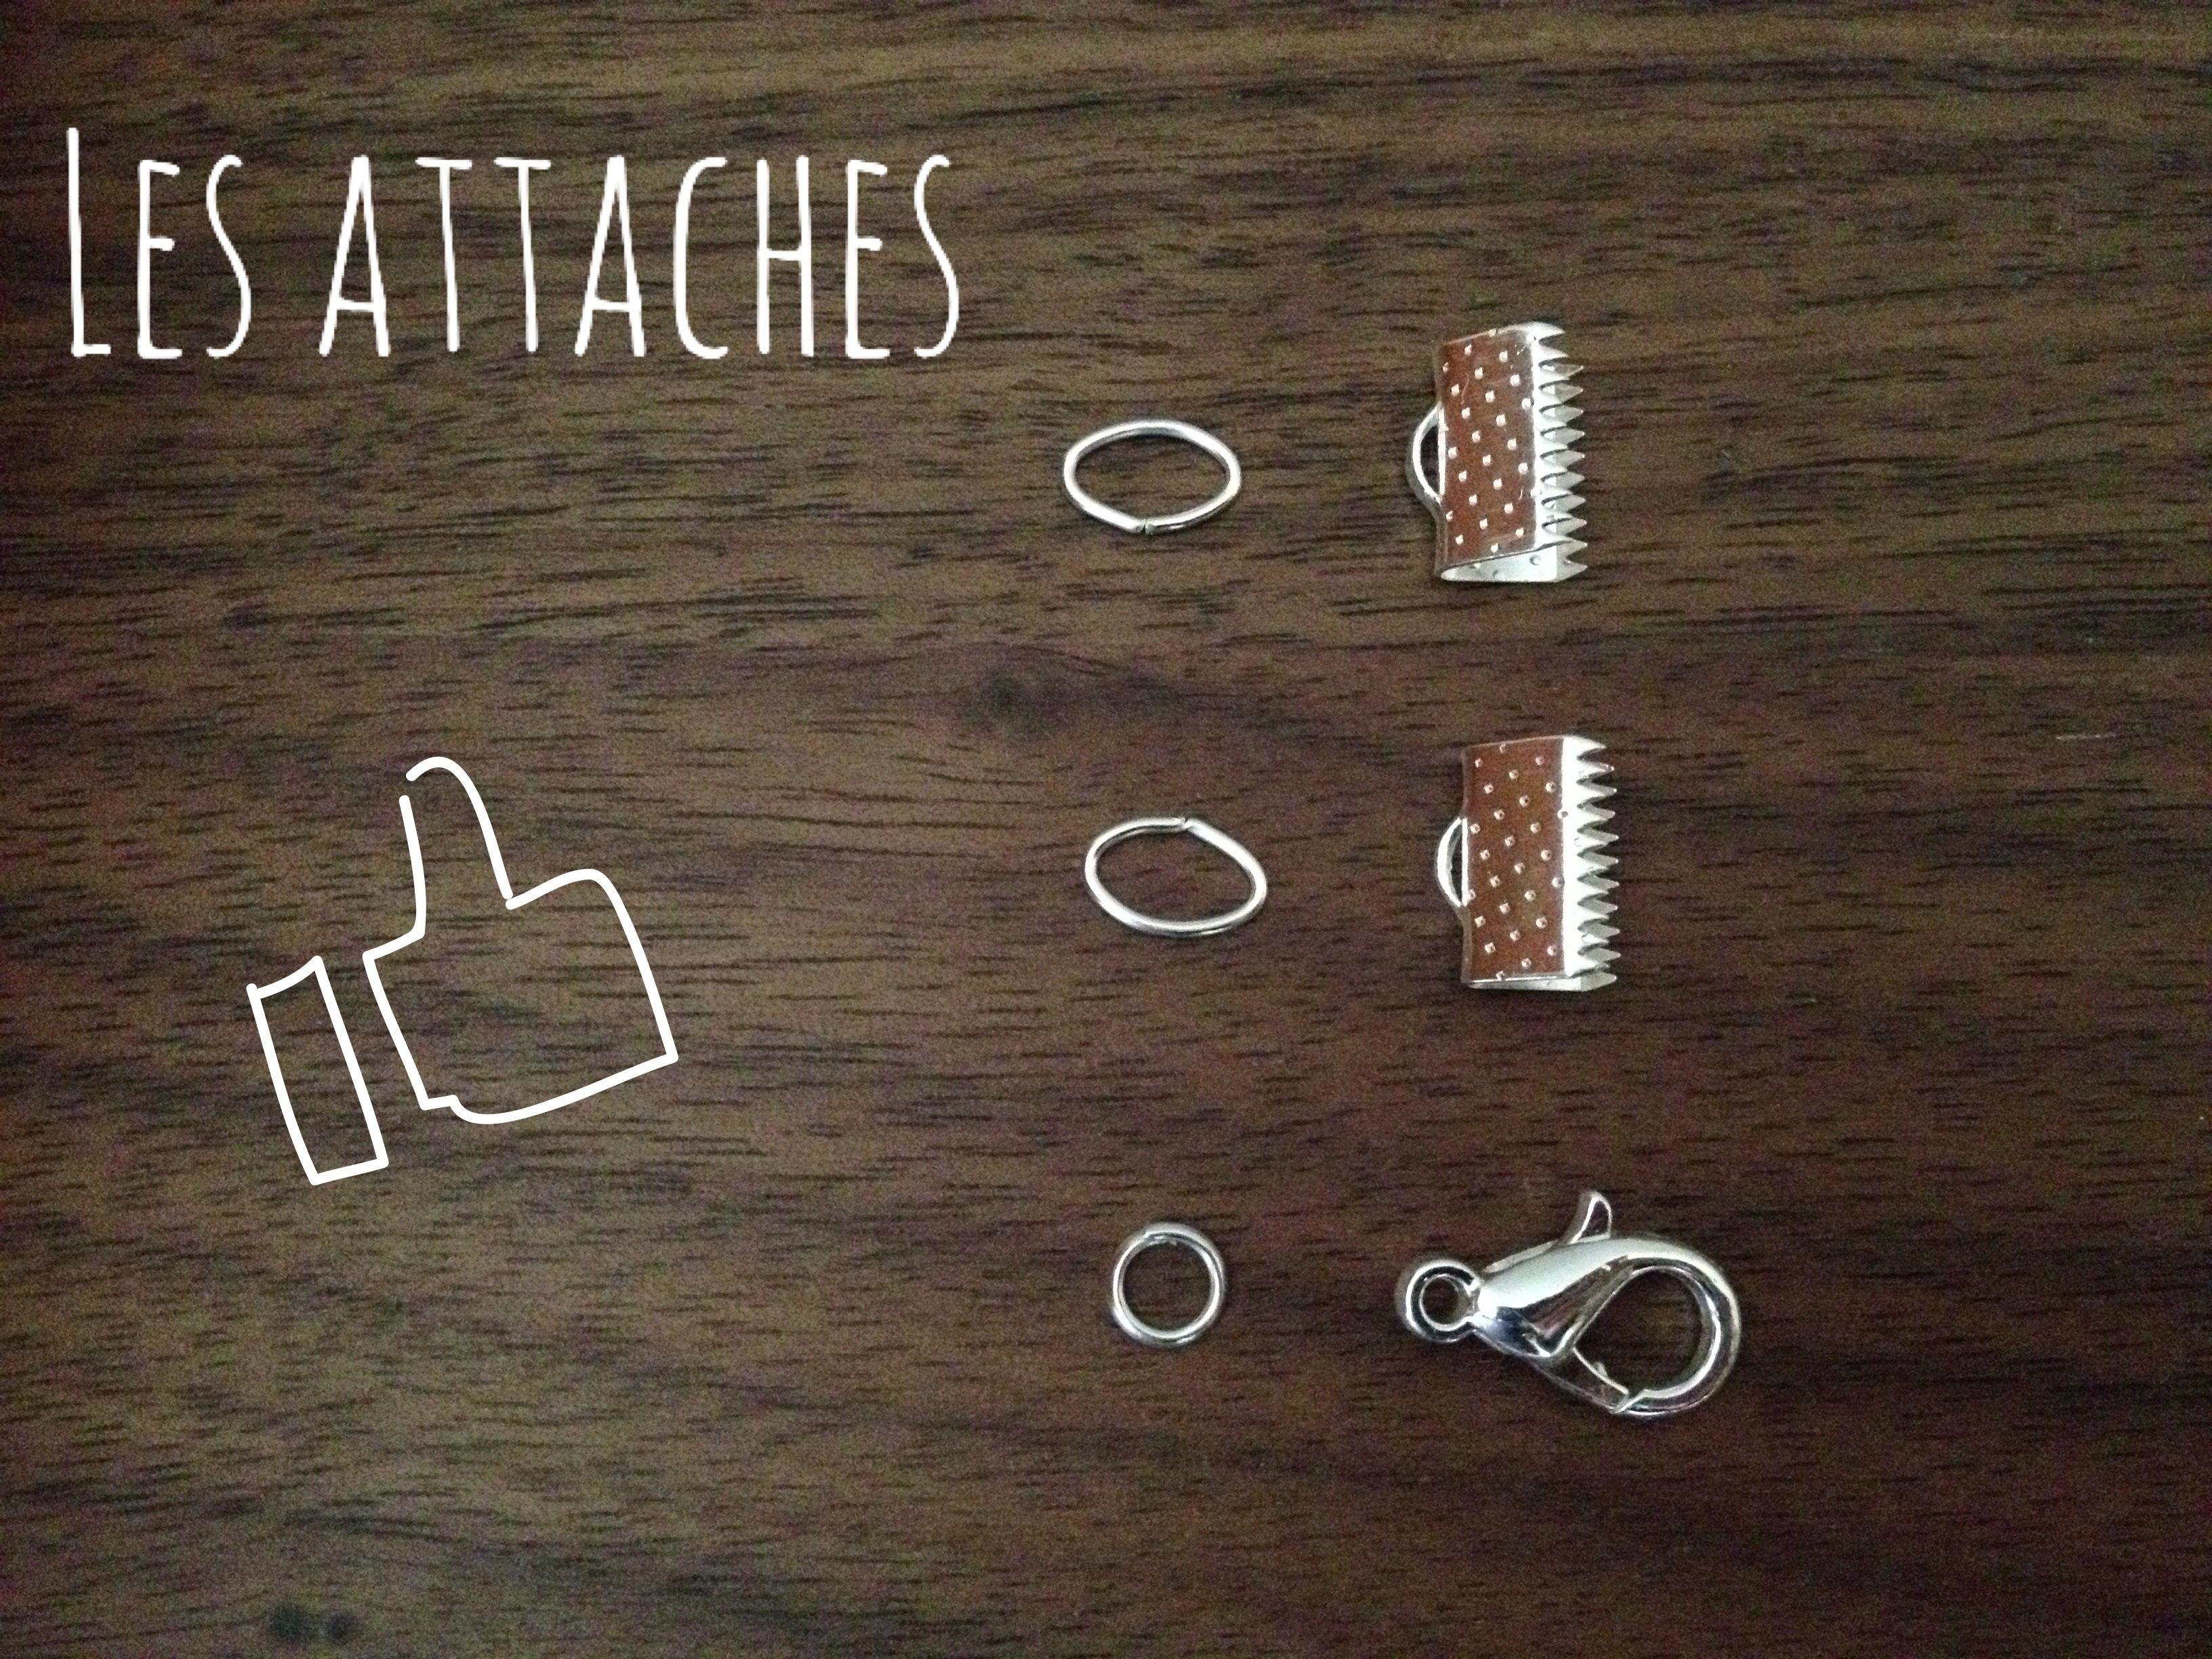 Fabriquer vous aussi un joli bracelet Liberty pour vous et vos témoins ou tenter de les gagner!